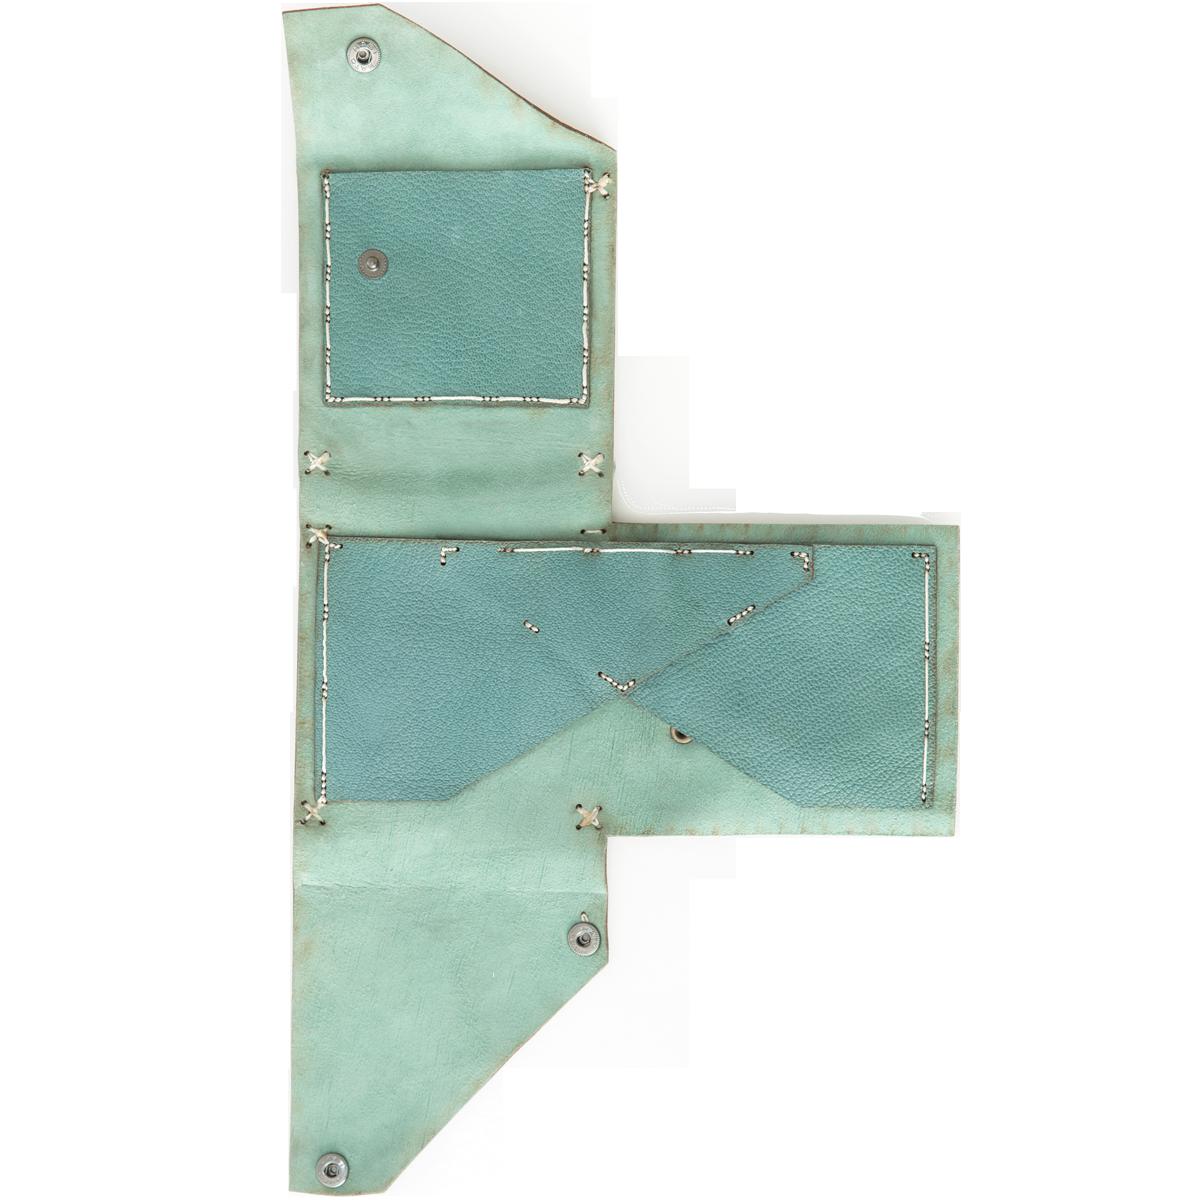 iroko-wallet-green-open-front